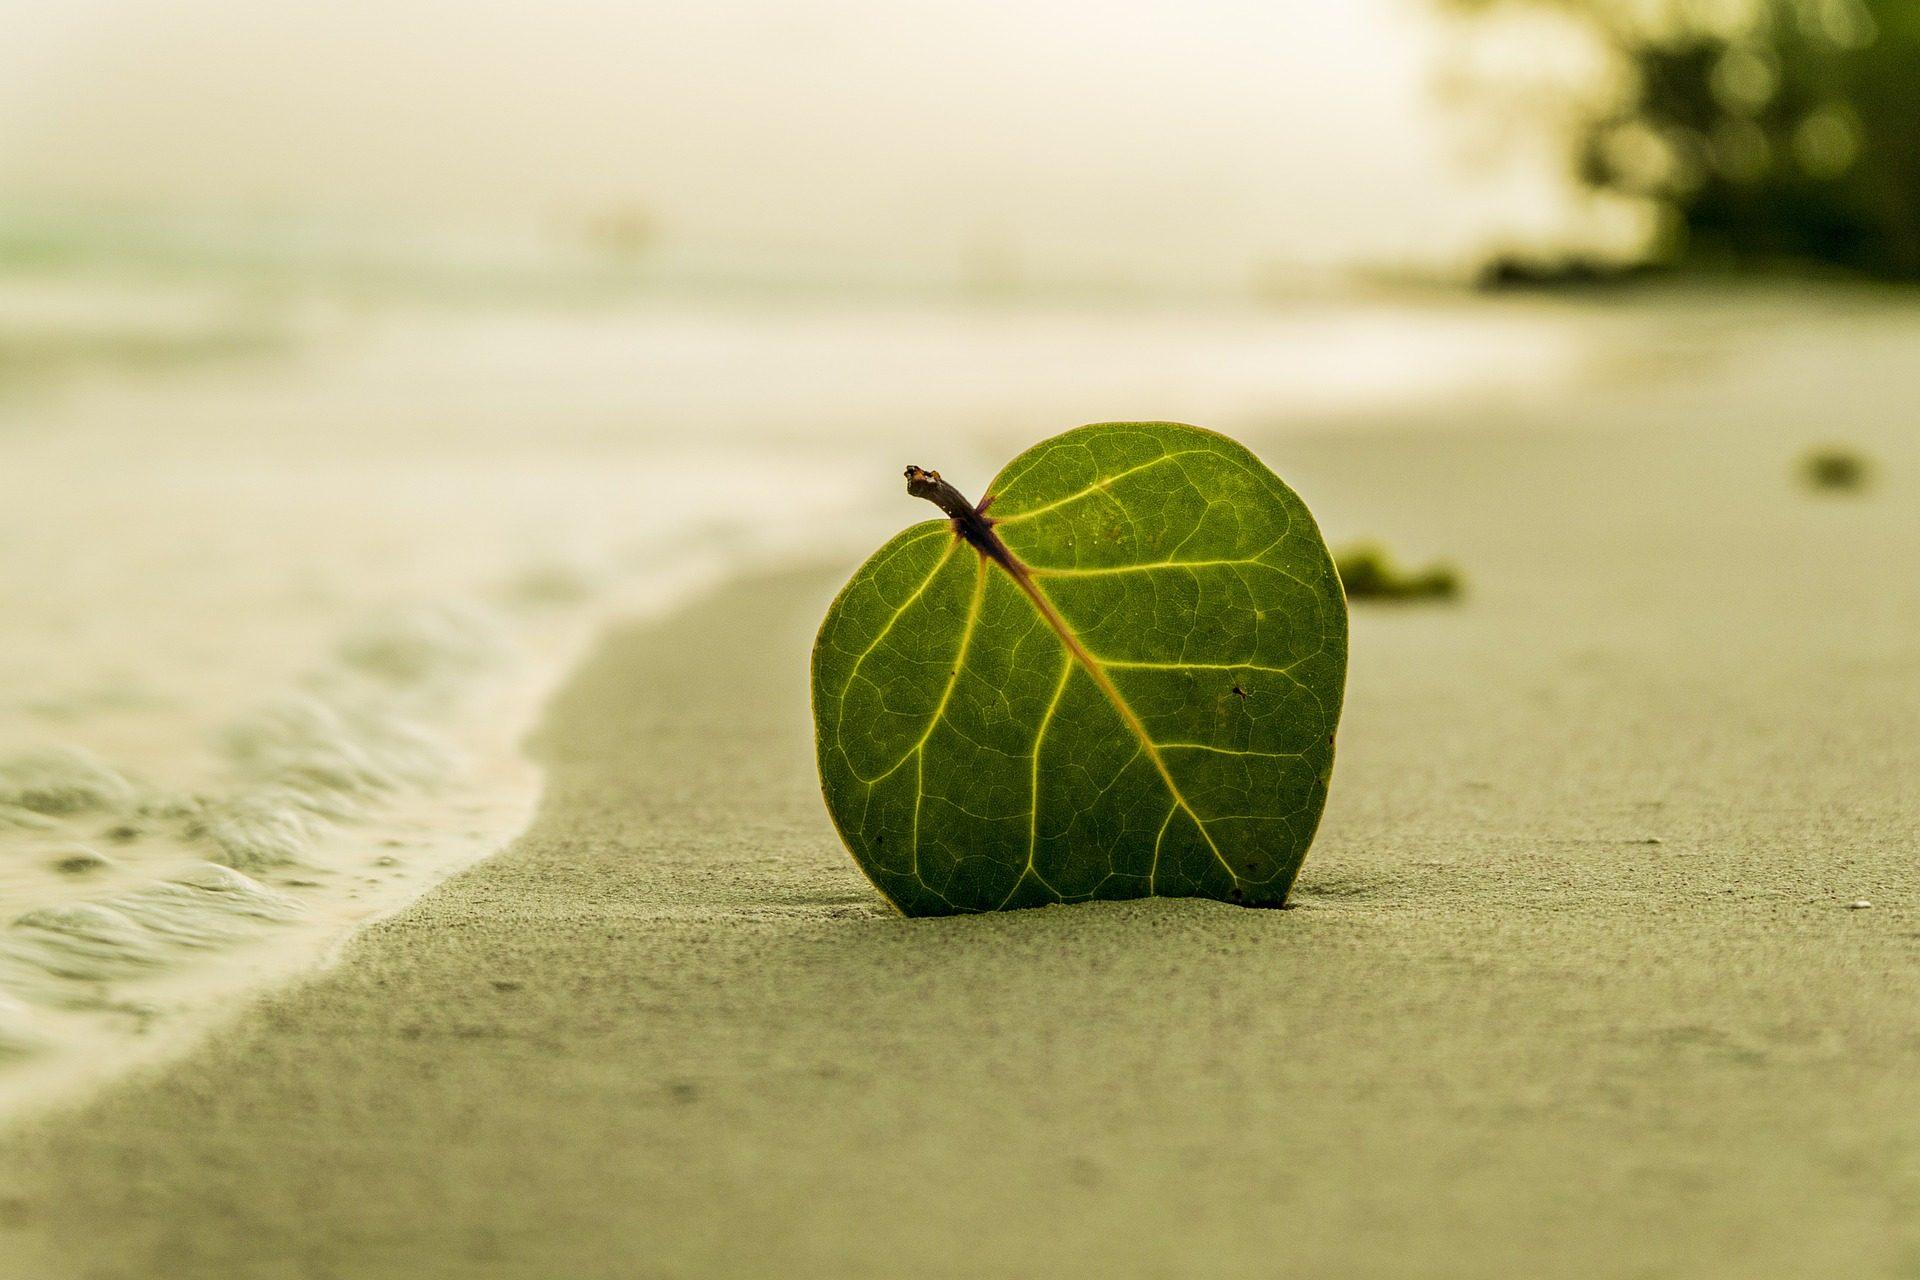 folha, Praia, areia, União, Mar - Papéis de parede HD - Professor-falken.com